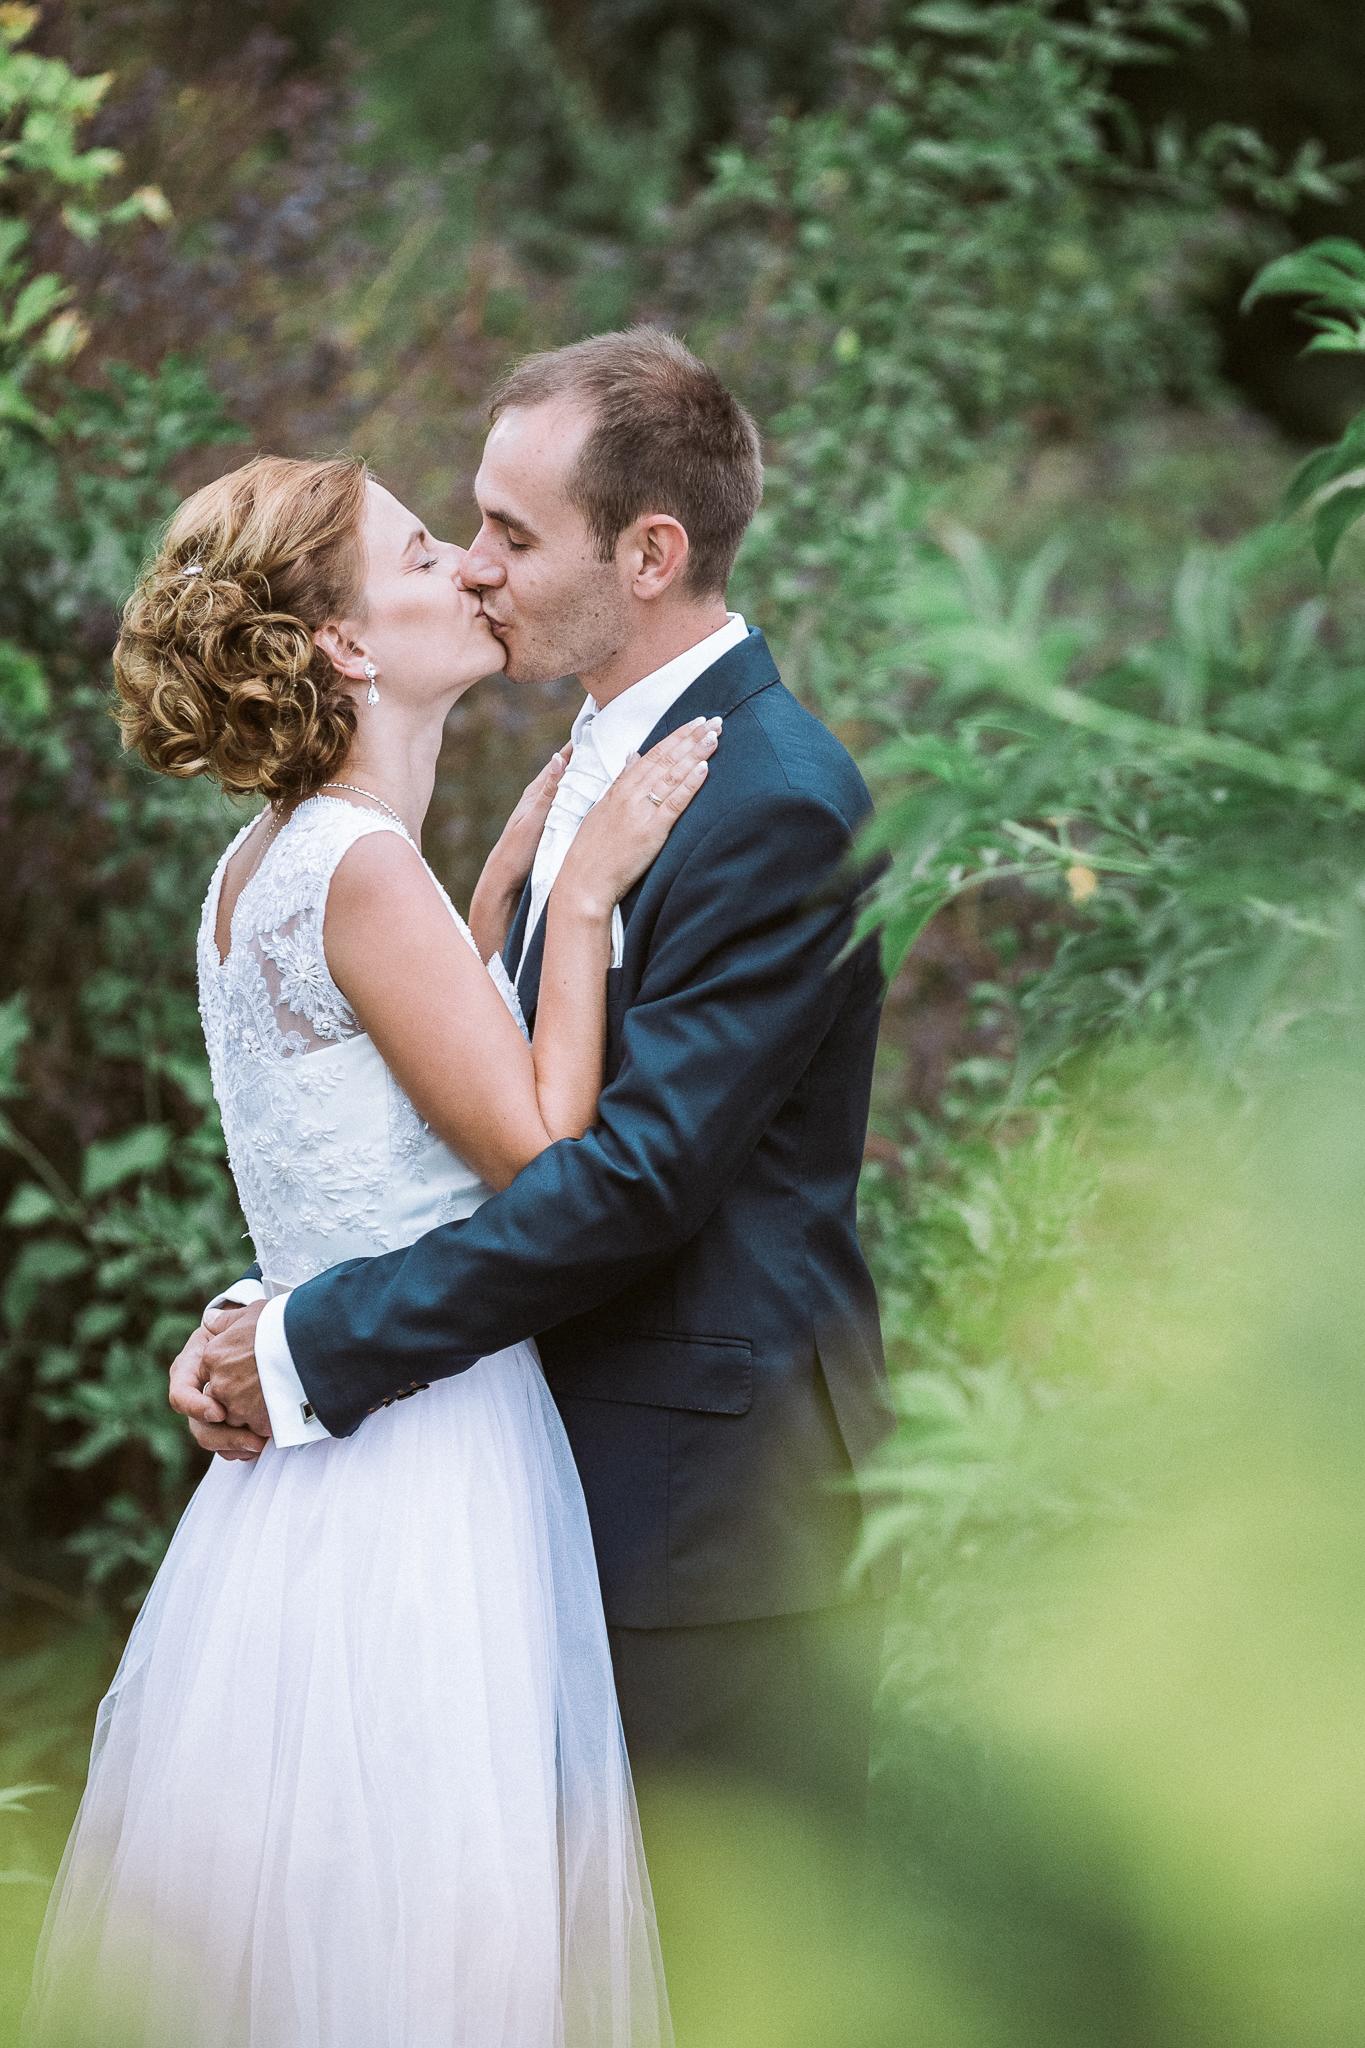 FylepPhoto, esküvőfotós, esküvői fotós Körmend, Szombathely, esküvőfotózás, magyarország, vas megye, prémium, jegyesfotózás, Fülöp Péter, körmend, kreatív, fotográfus_43-2.jpg